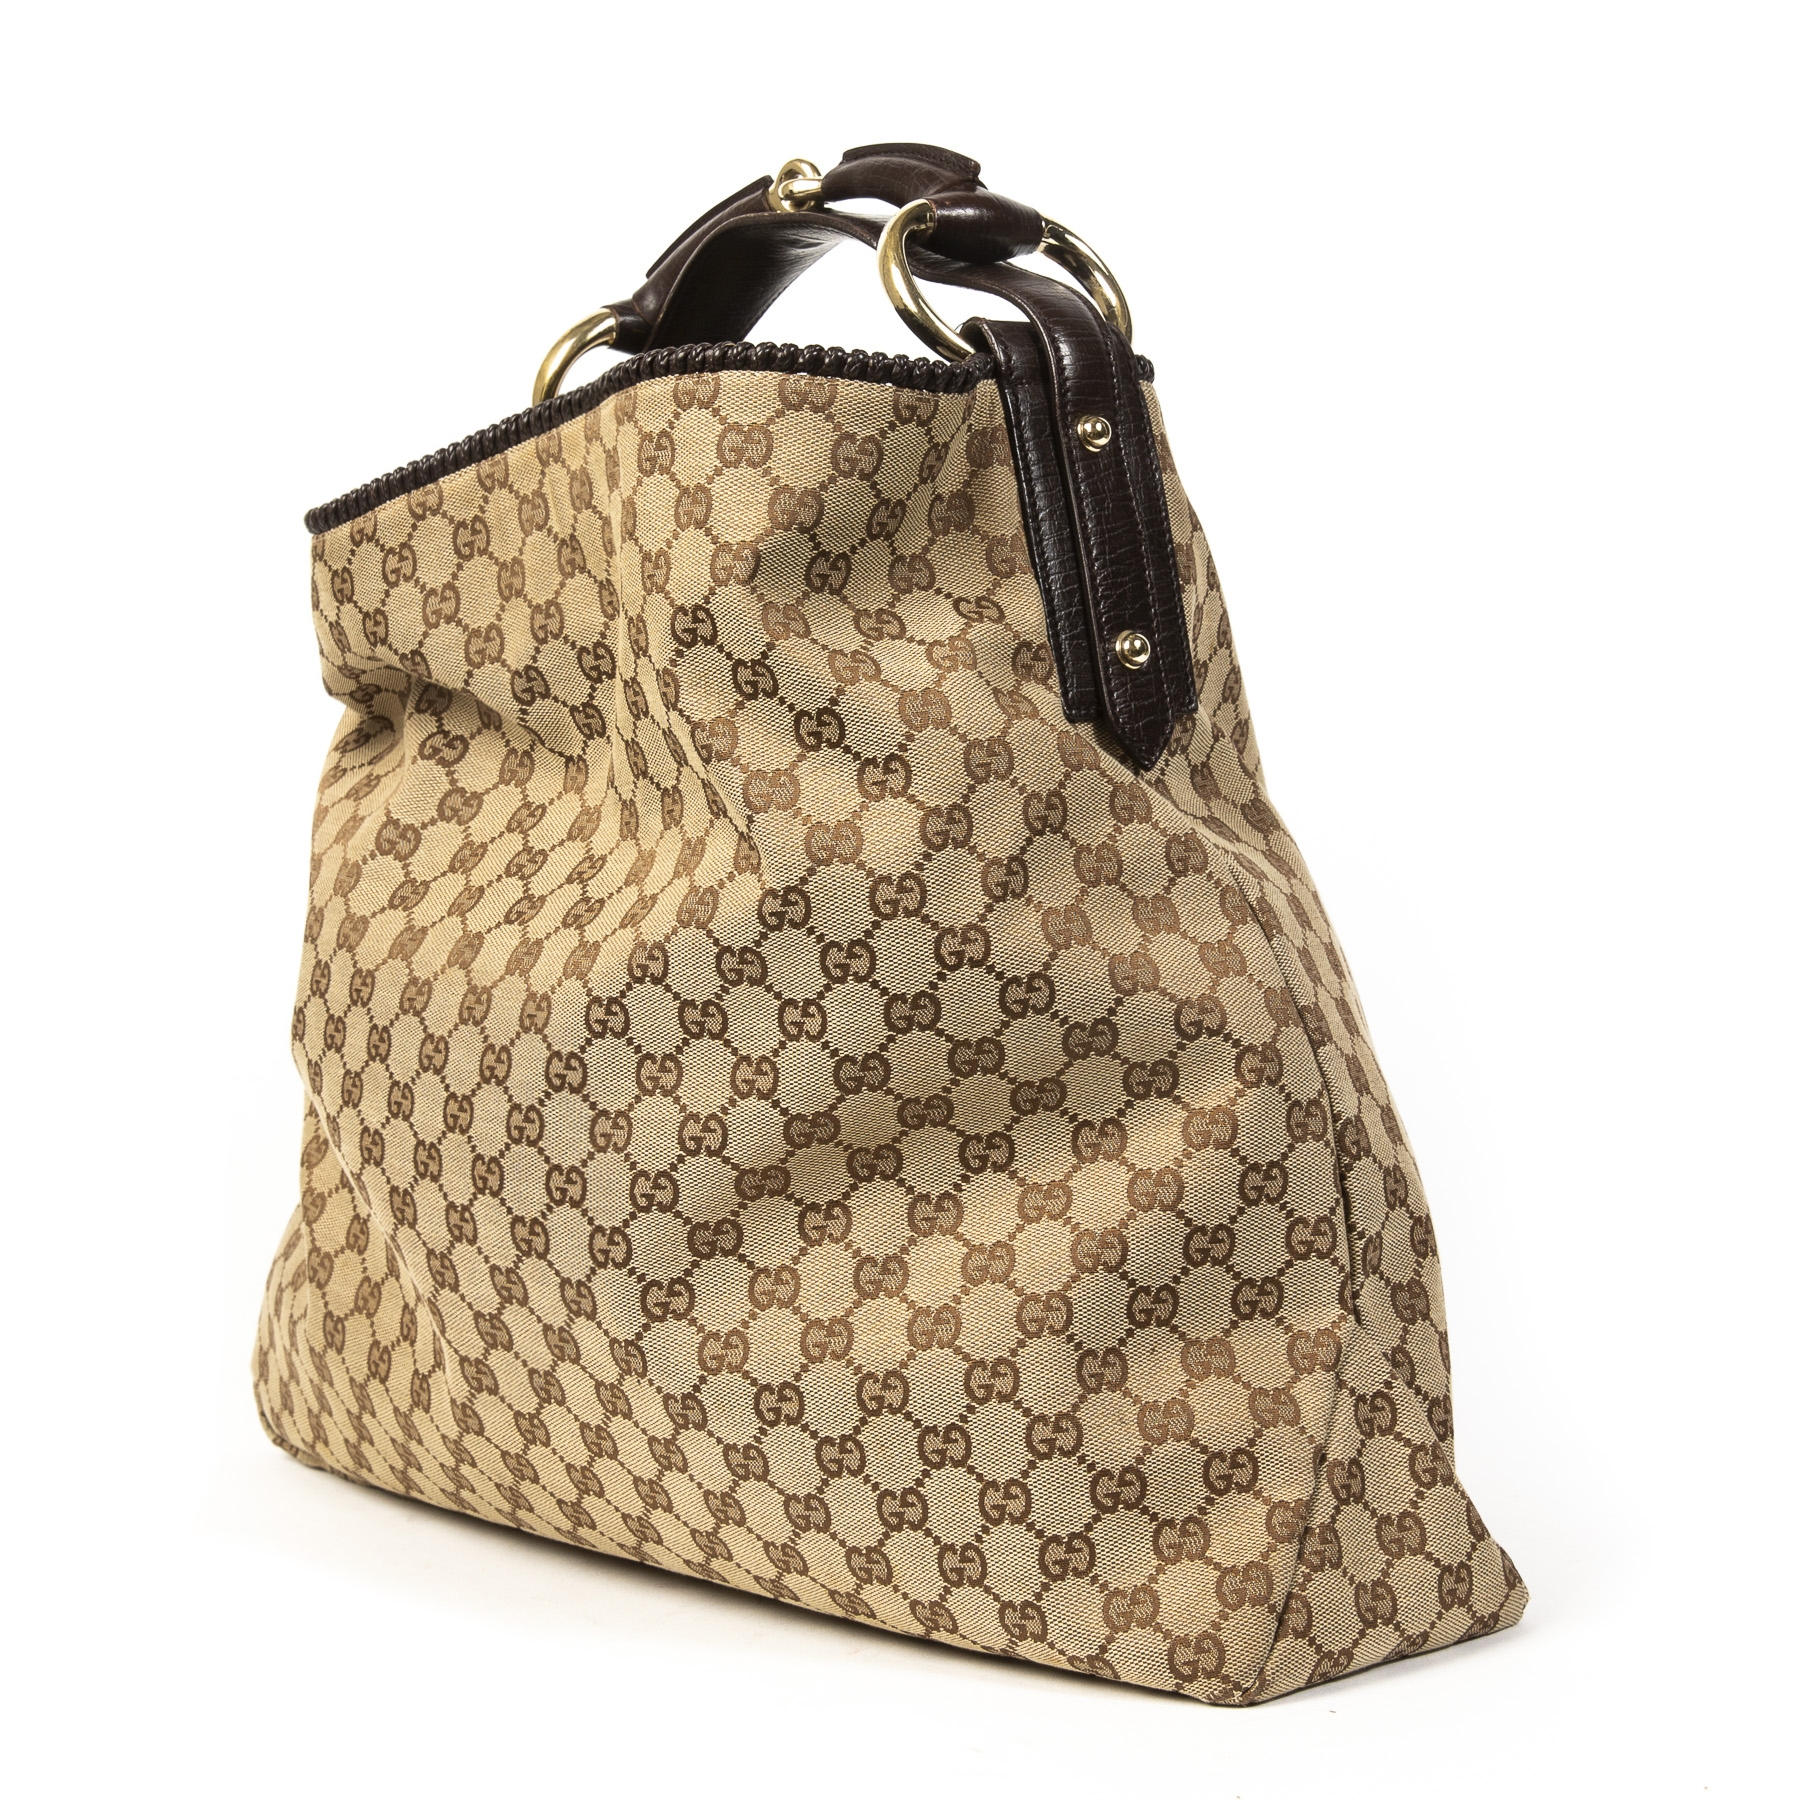 Gucci Monogram Shoulder Tote aan de beste prijs te koop bij Labellov